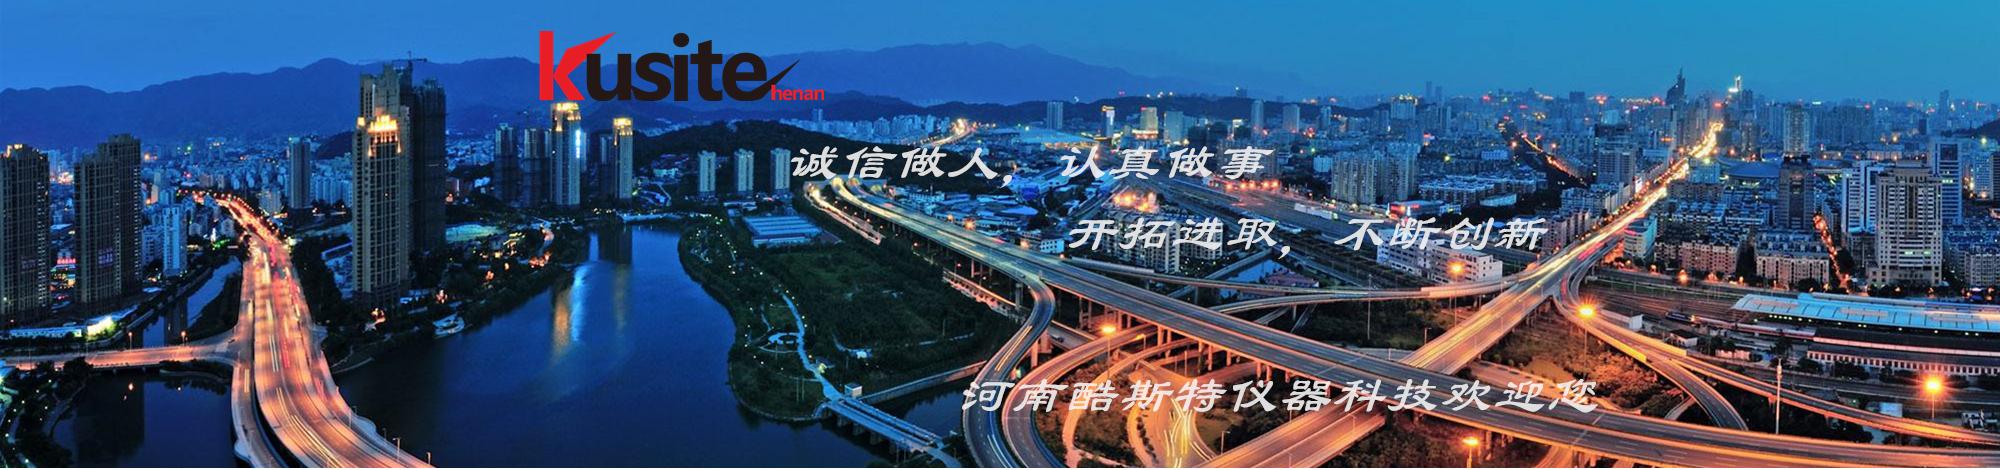 河南酷斯特仪器科技有限公司